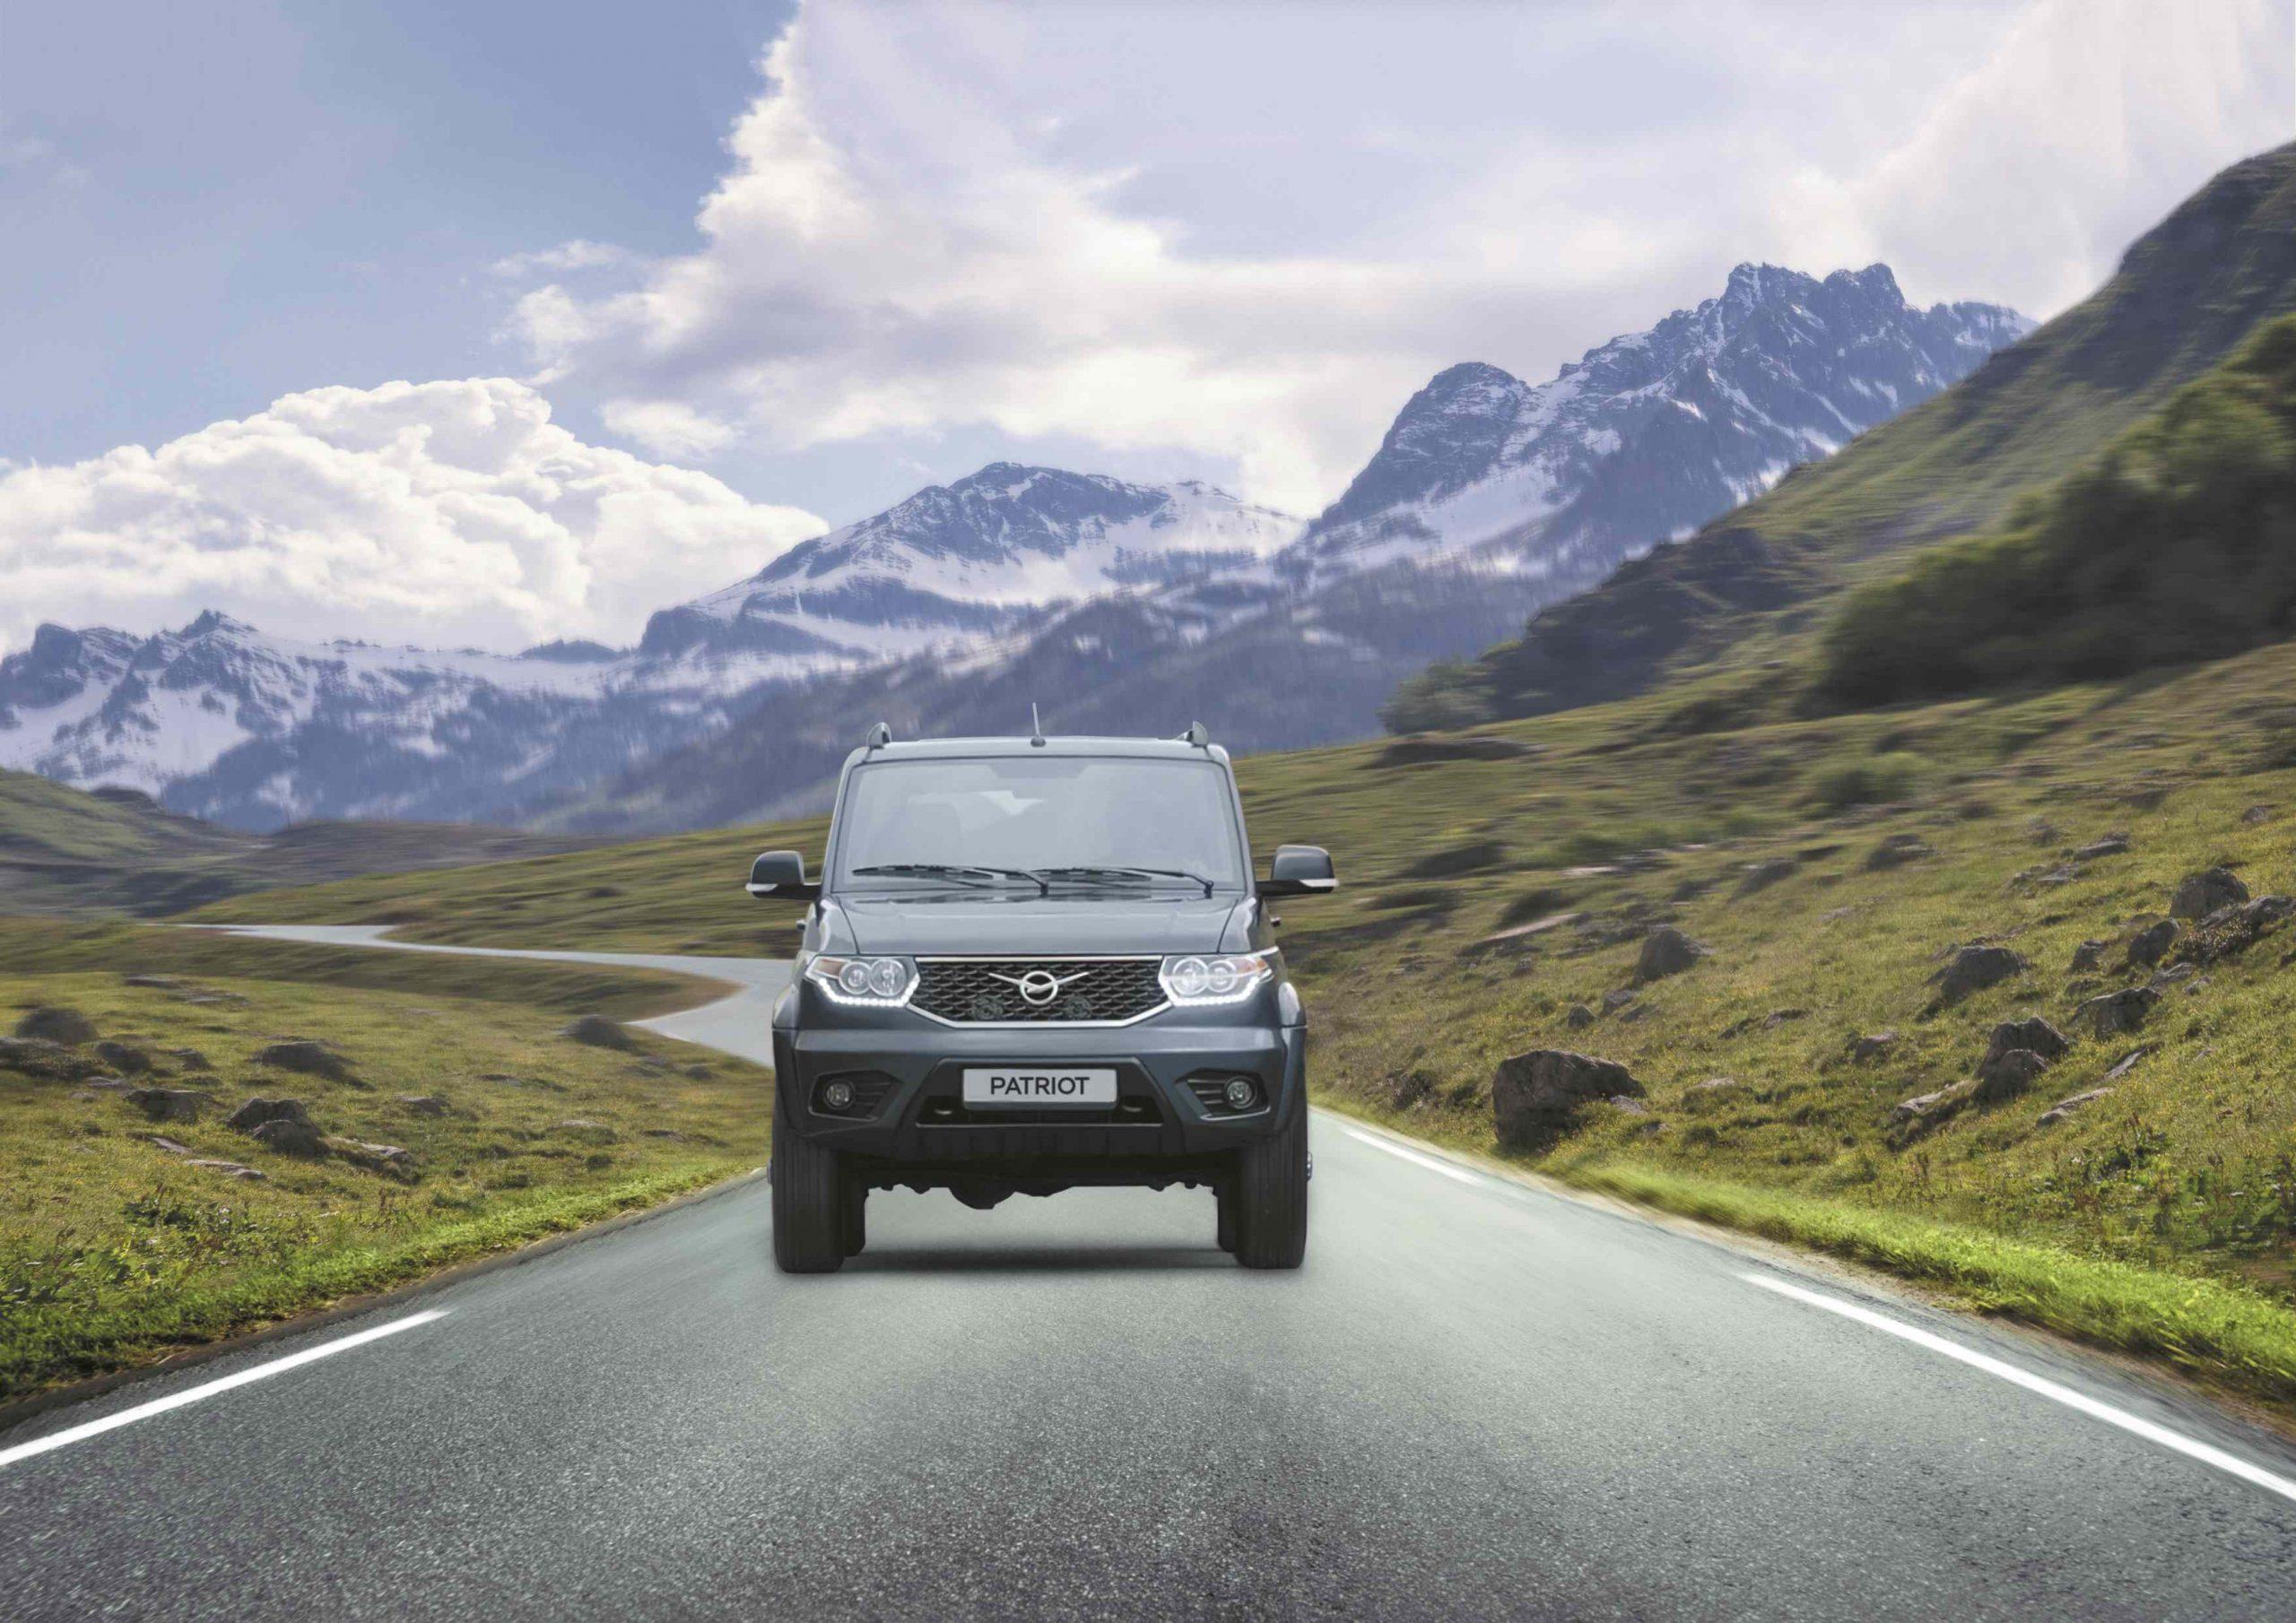 «УАЗ» запустил онлайн-сервис по приобретению авто своей марки